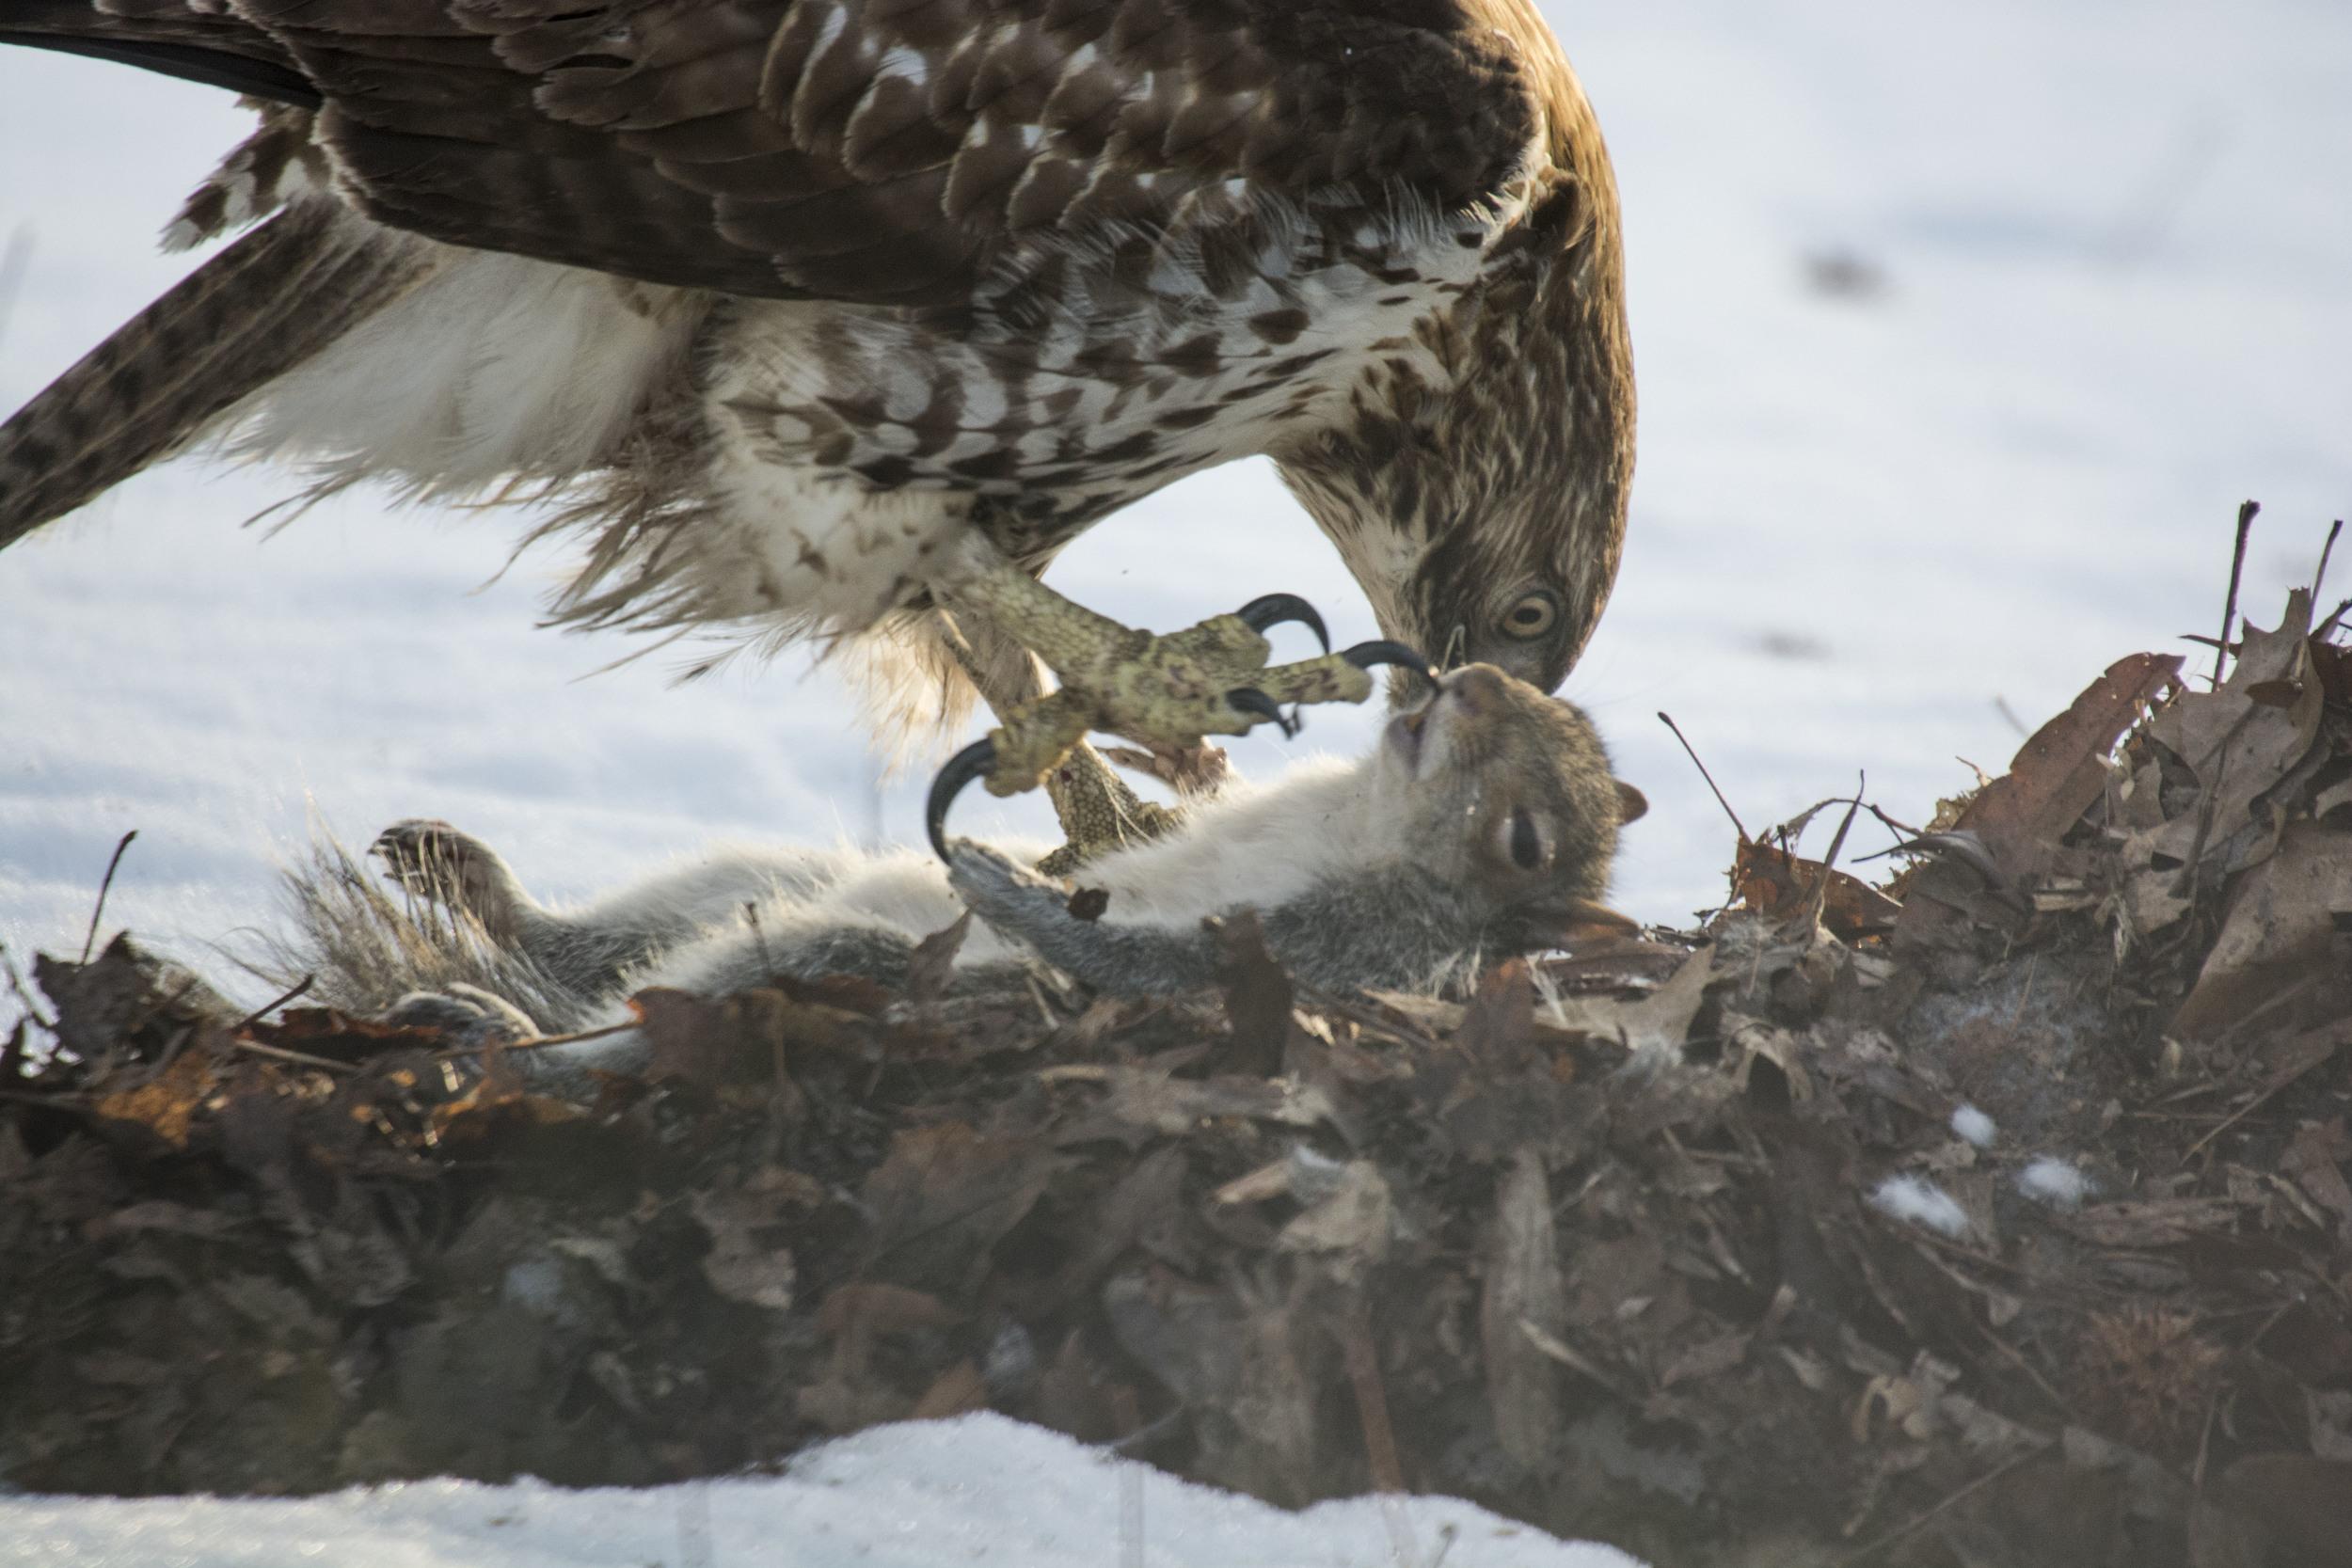 Hawk and prey